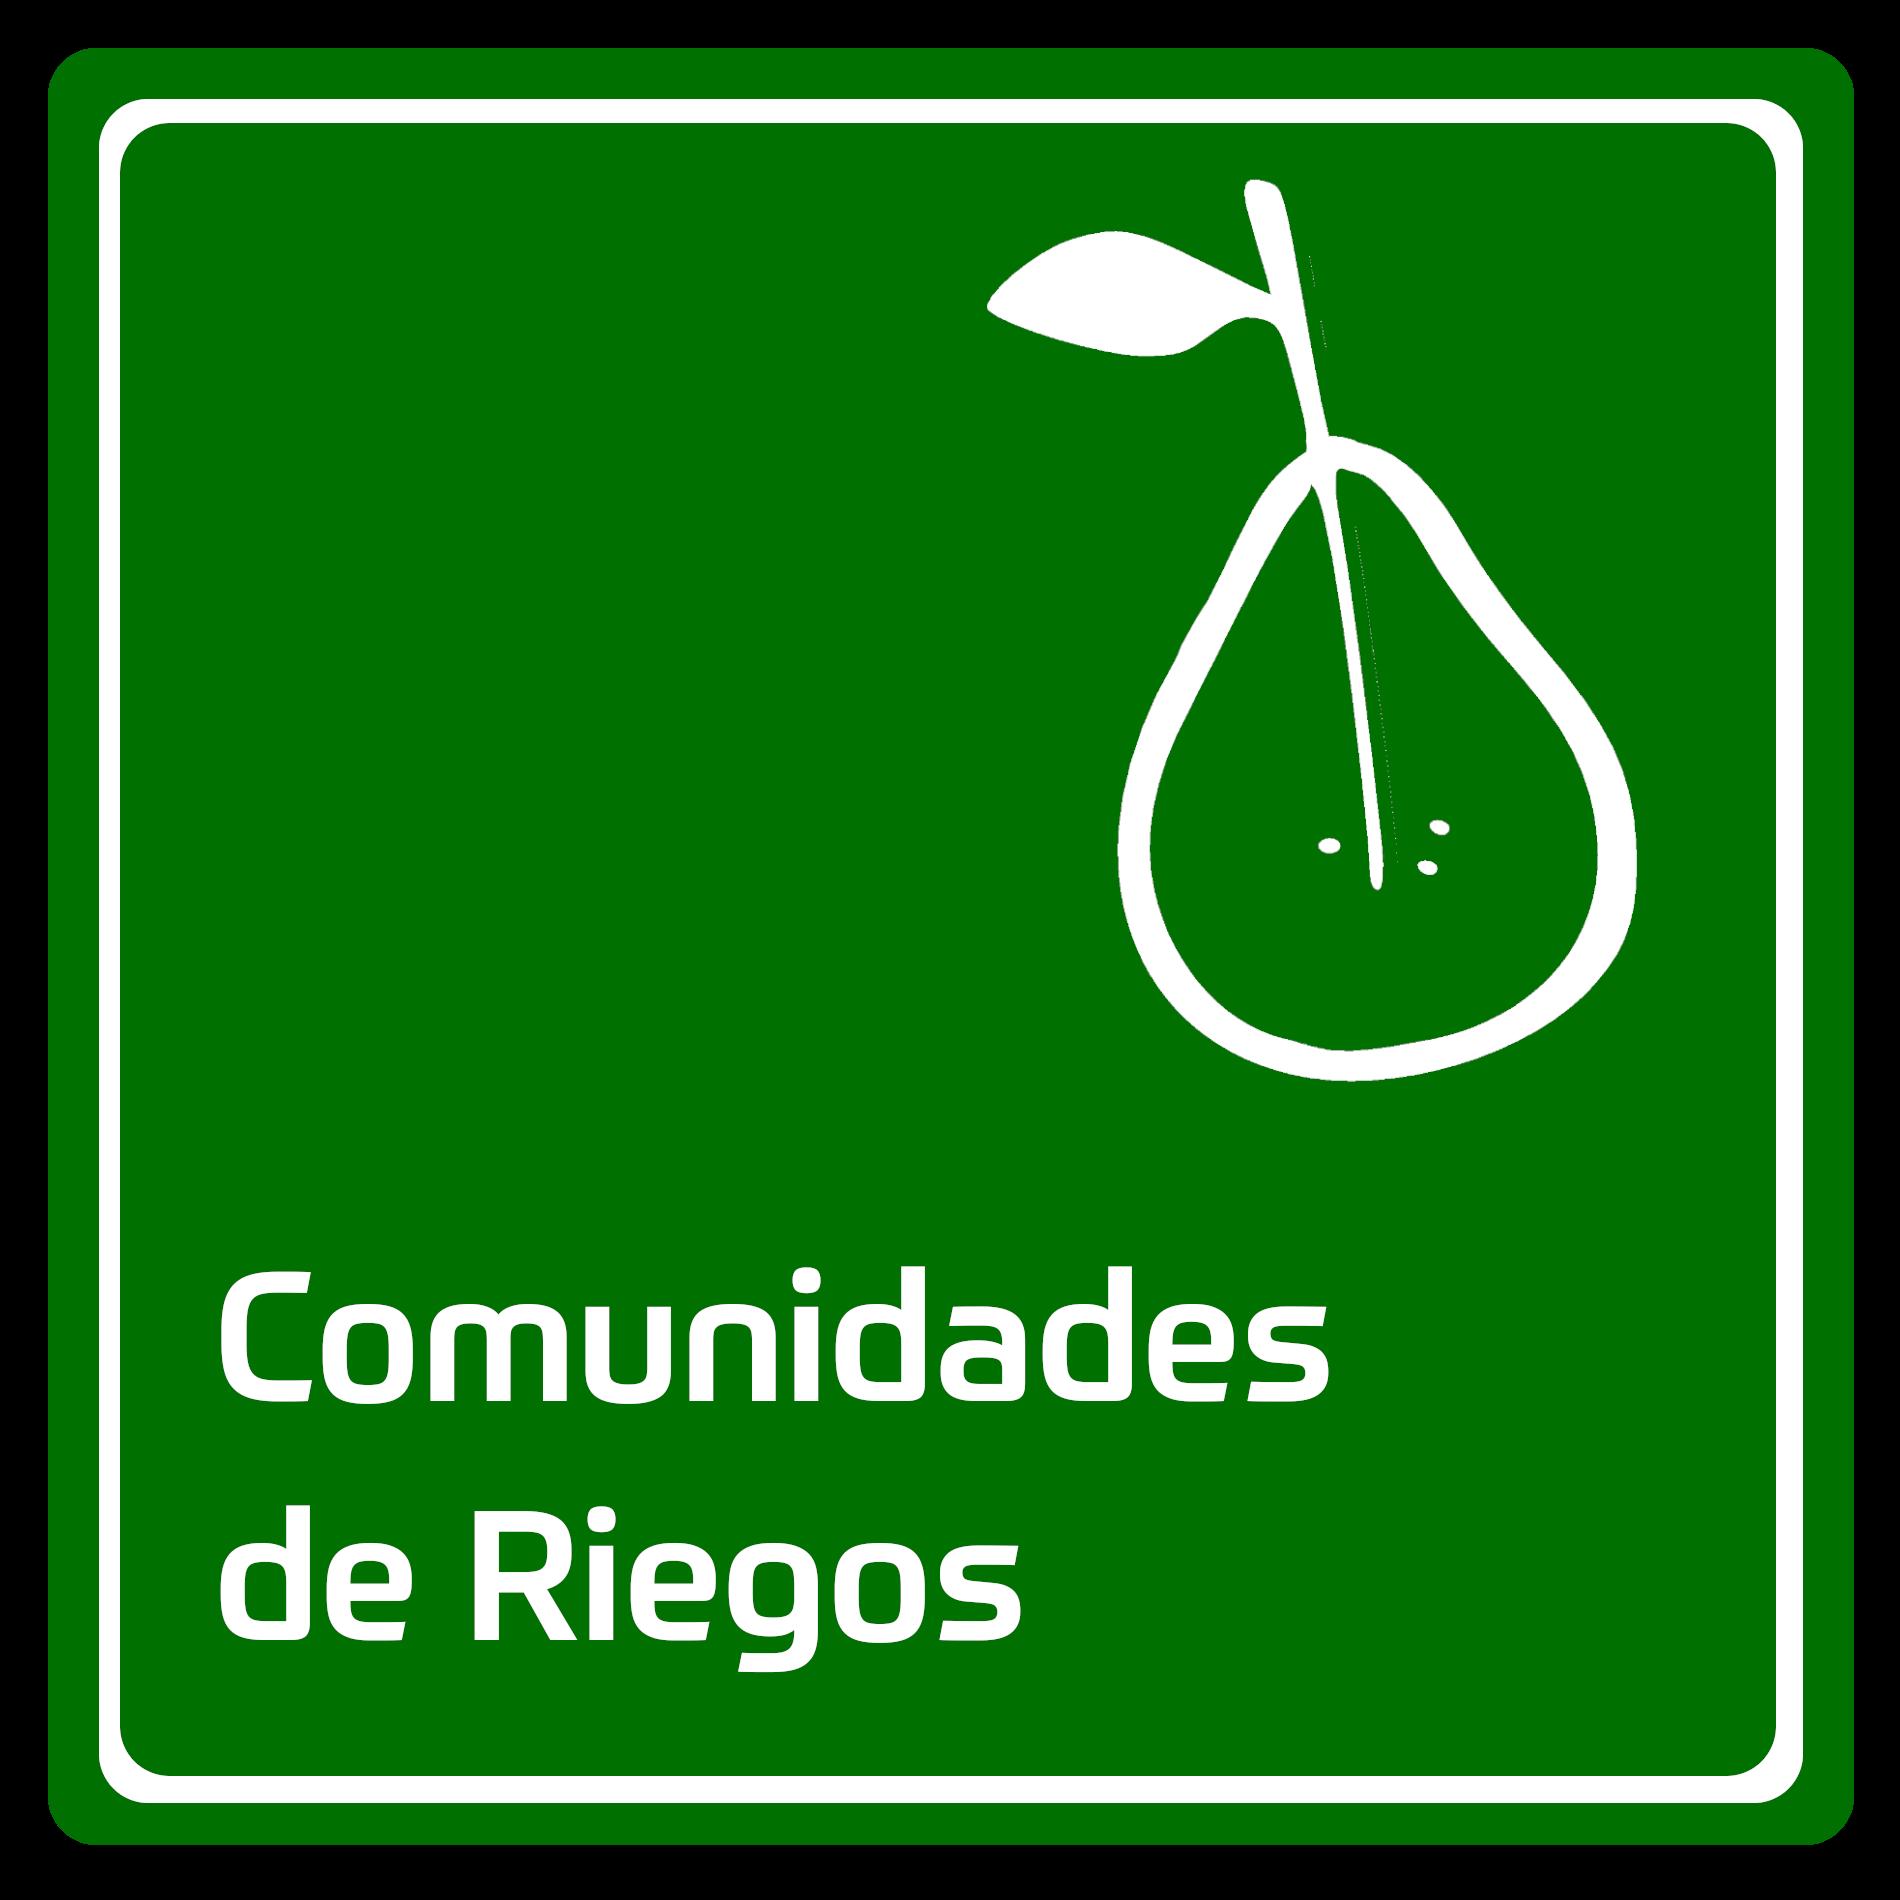 Comunidades de Riegos